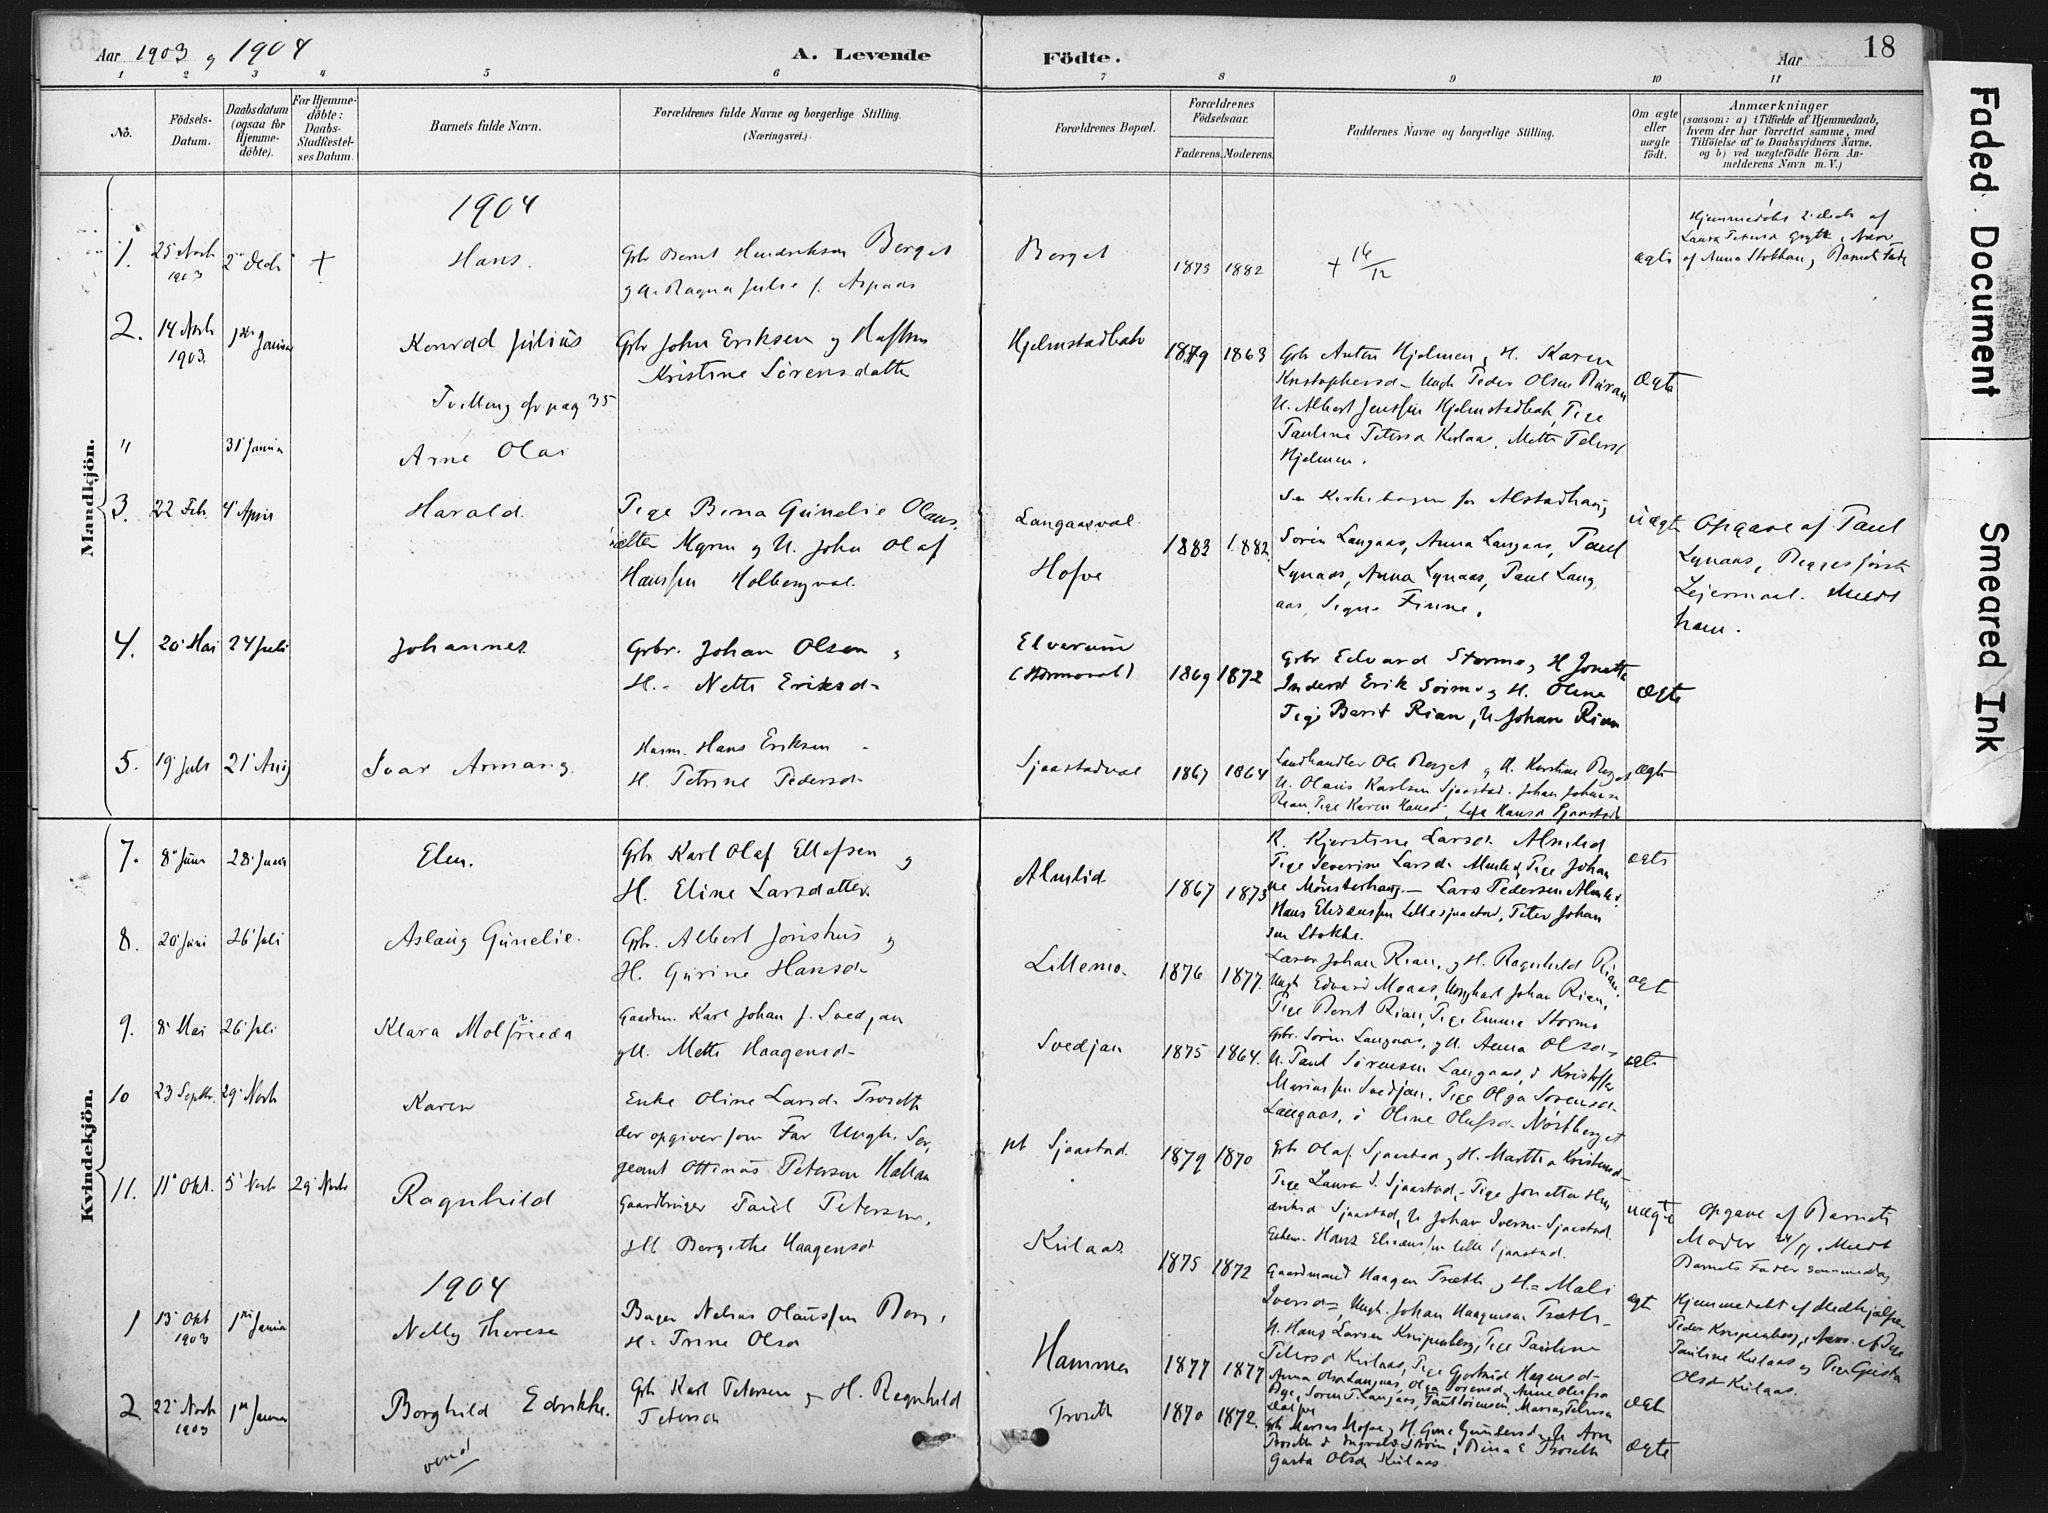 SAT, Ministerialprotokoller, klokkerbøker og fødselsregistre - Nord-Trøndelag, 718/L0175: Ministerialbok nr. 718A01, 1890-1923, s. 18